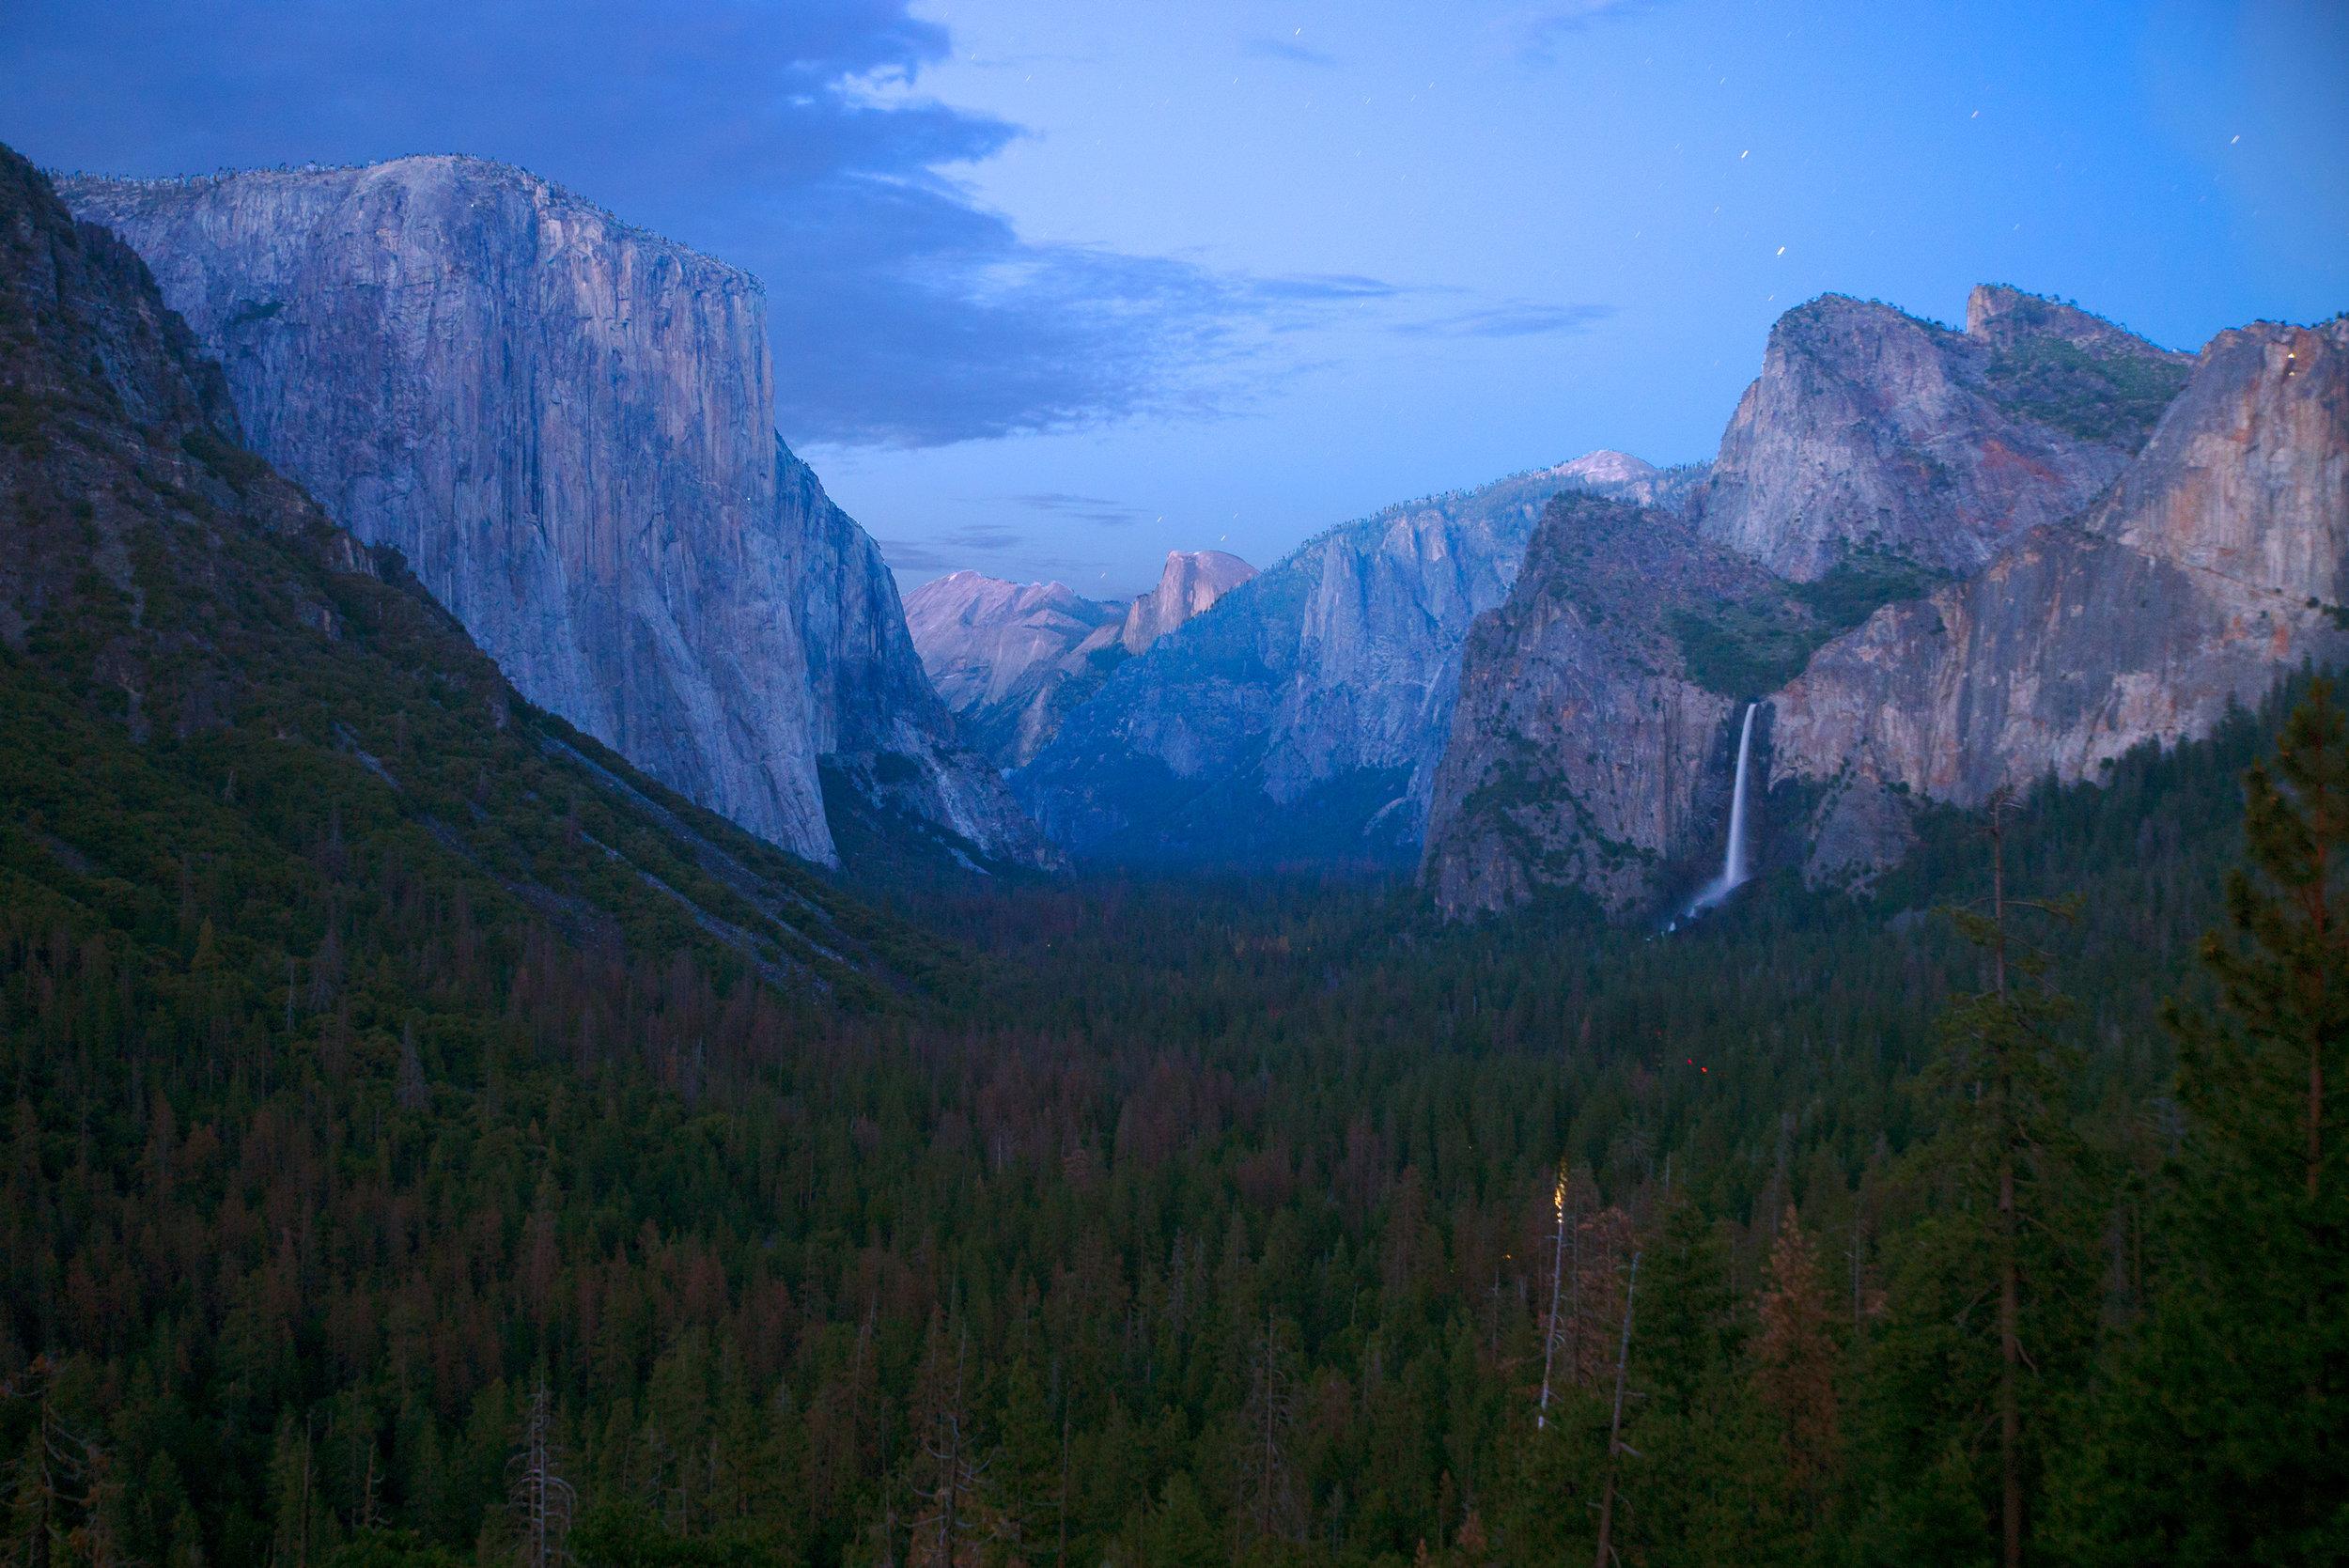 20170621_30_Trip_Tunnel_View_Yosemite_rattlesnake_091.jpg